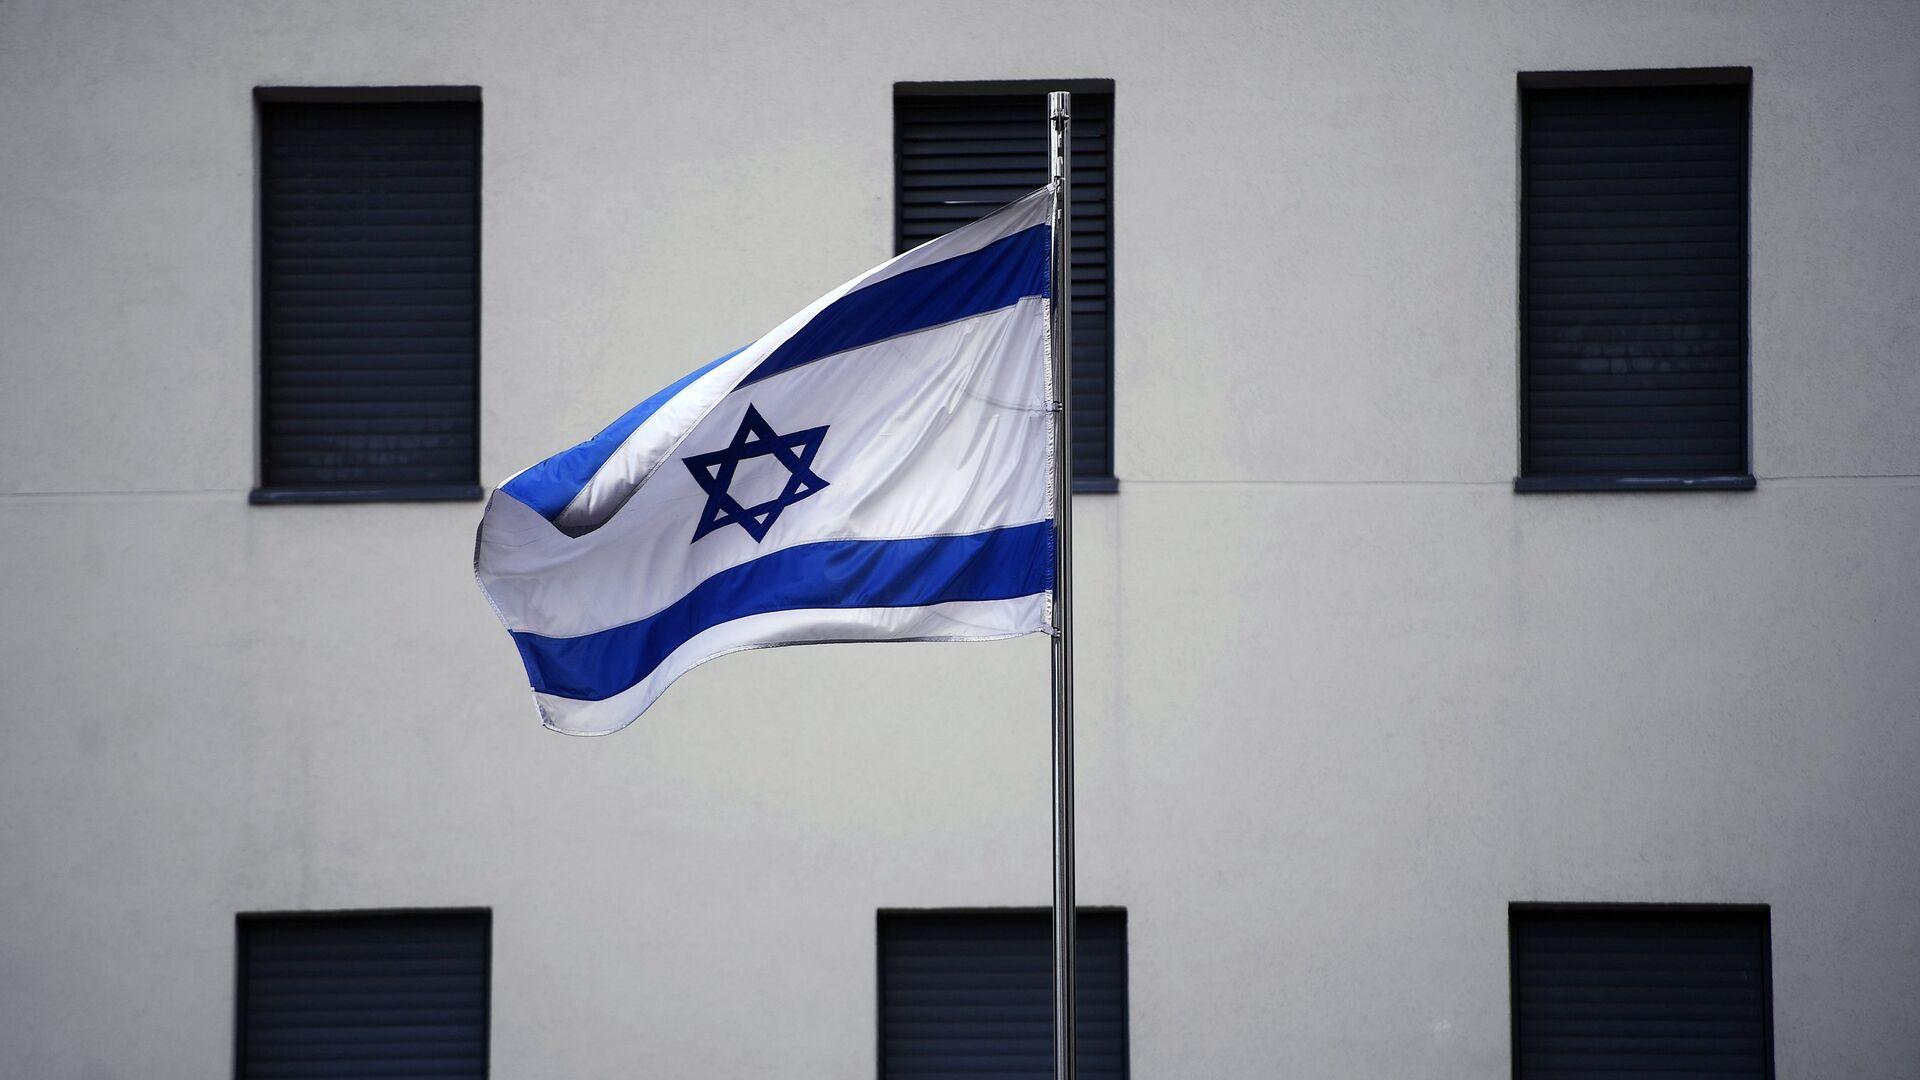 Bandera de Israel en el edificio de la Embajada israelí en Moscú (archivo) - Sputnik Mundo, 1920, 29.03.2021